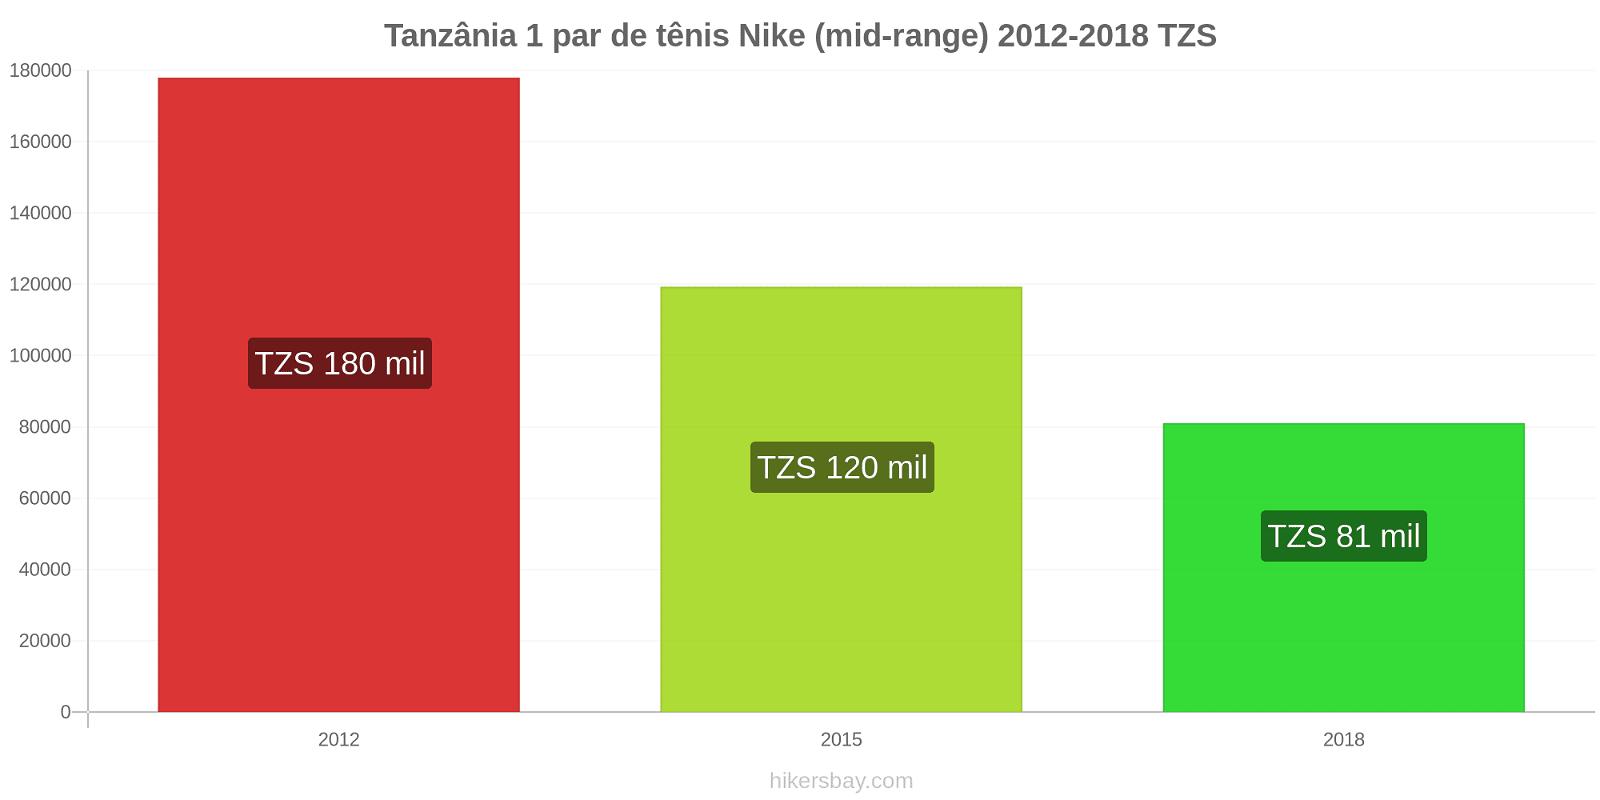 Tanzânia variação de preço 1 par de tênis Nike (mid-range) hikersbay.com